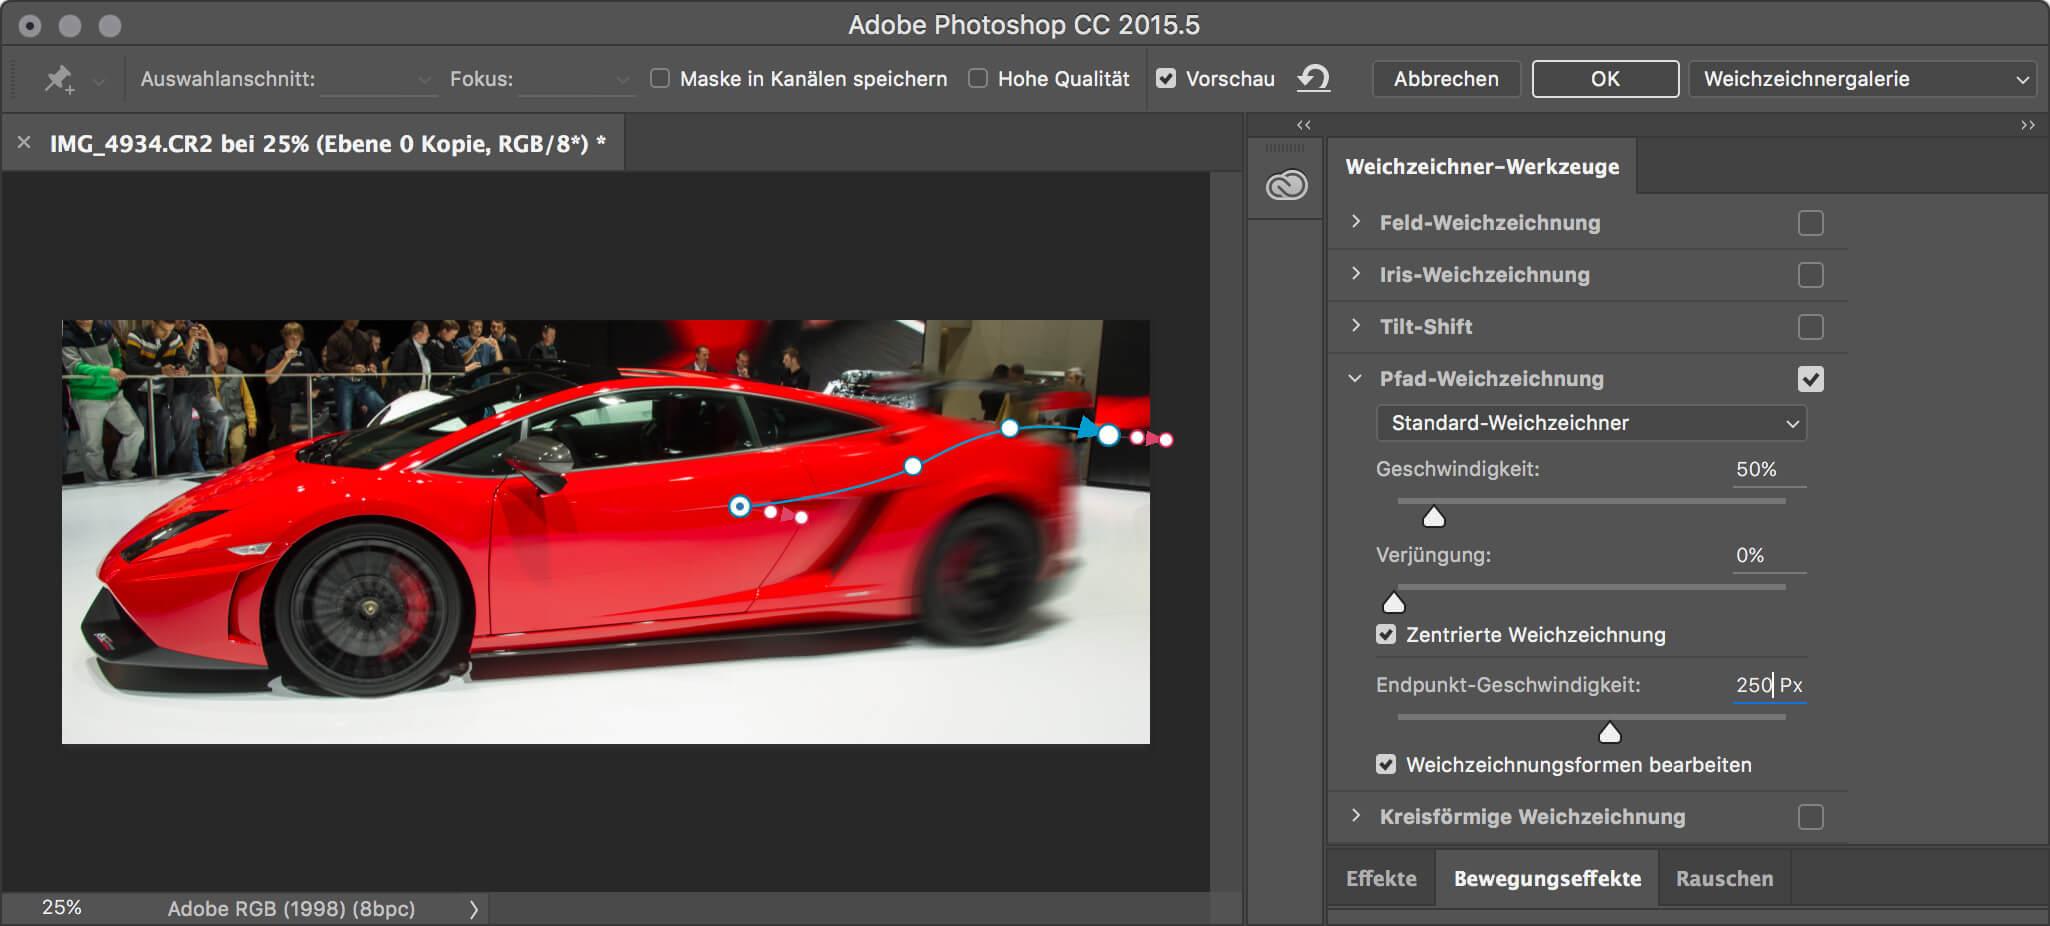 Pfad-Weichzeichnung und kreisförmige Weichzeichnung mit der Photoshop Weichzeichnergallerie